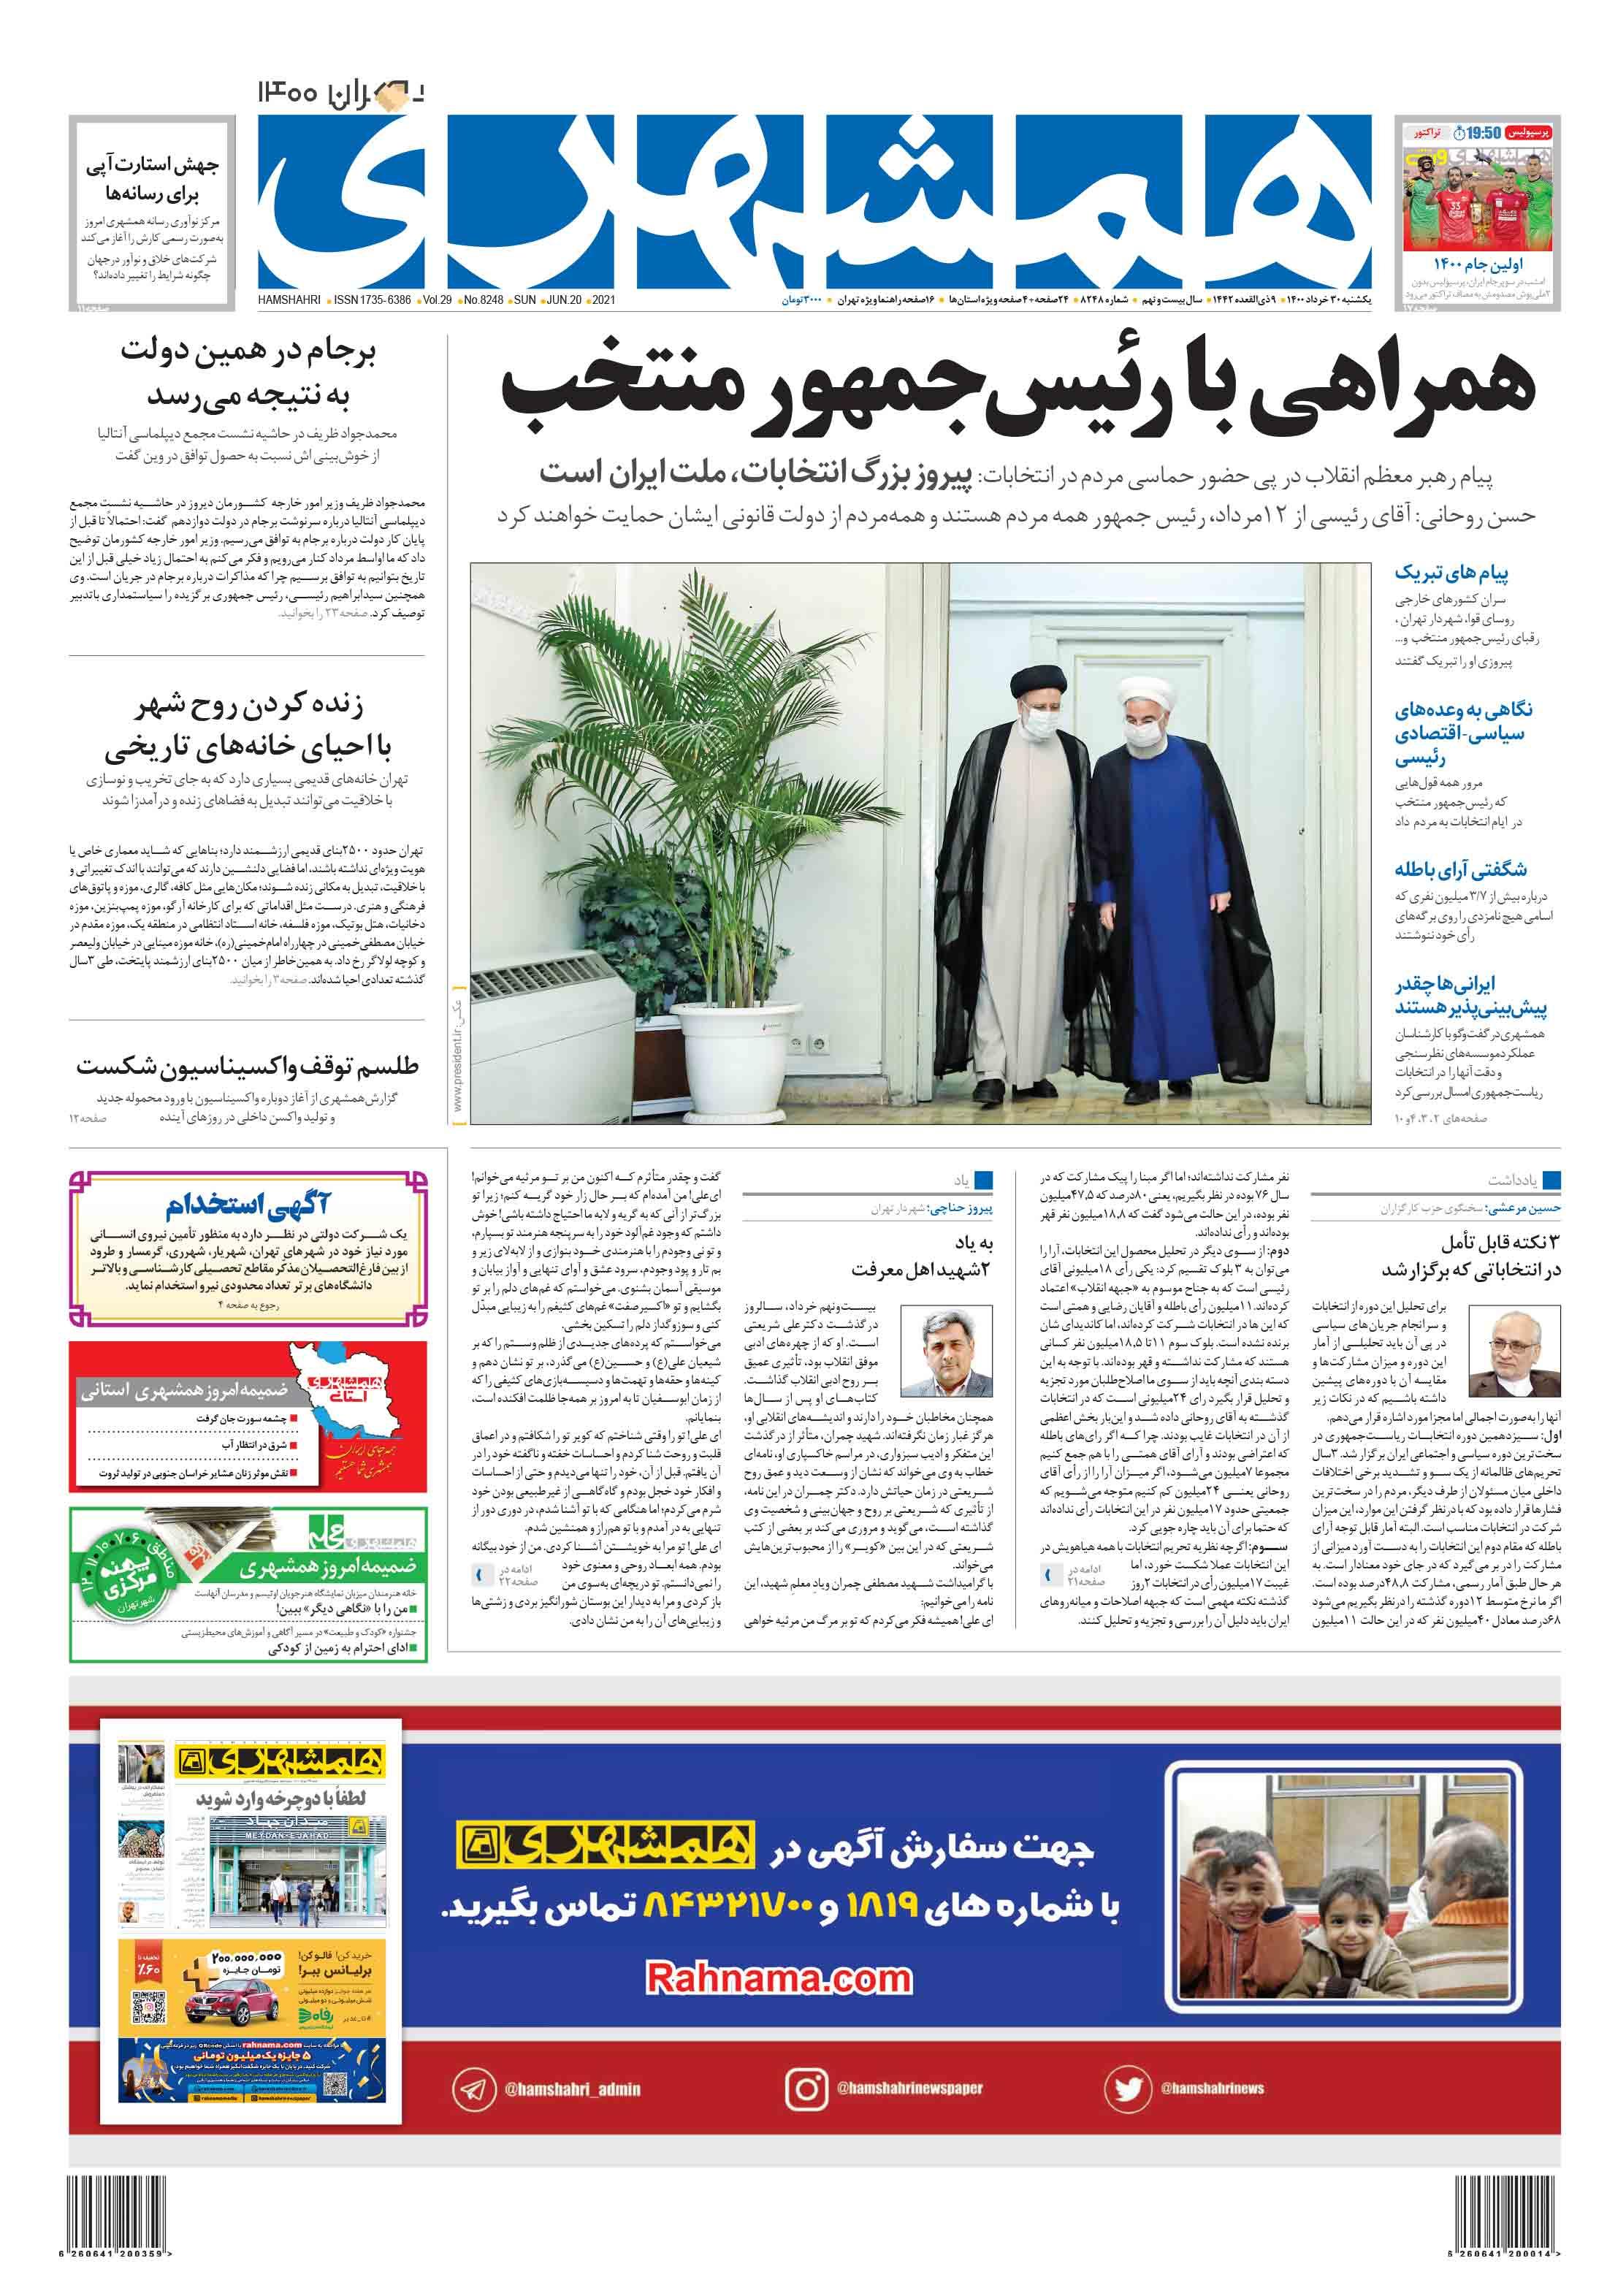 صفحه اول یکشنبه 30 خرداد 1400